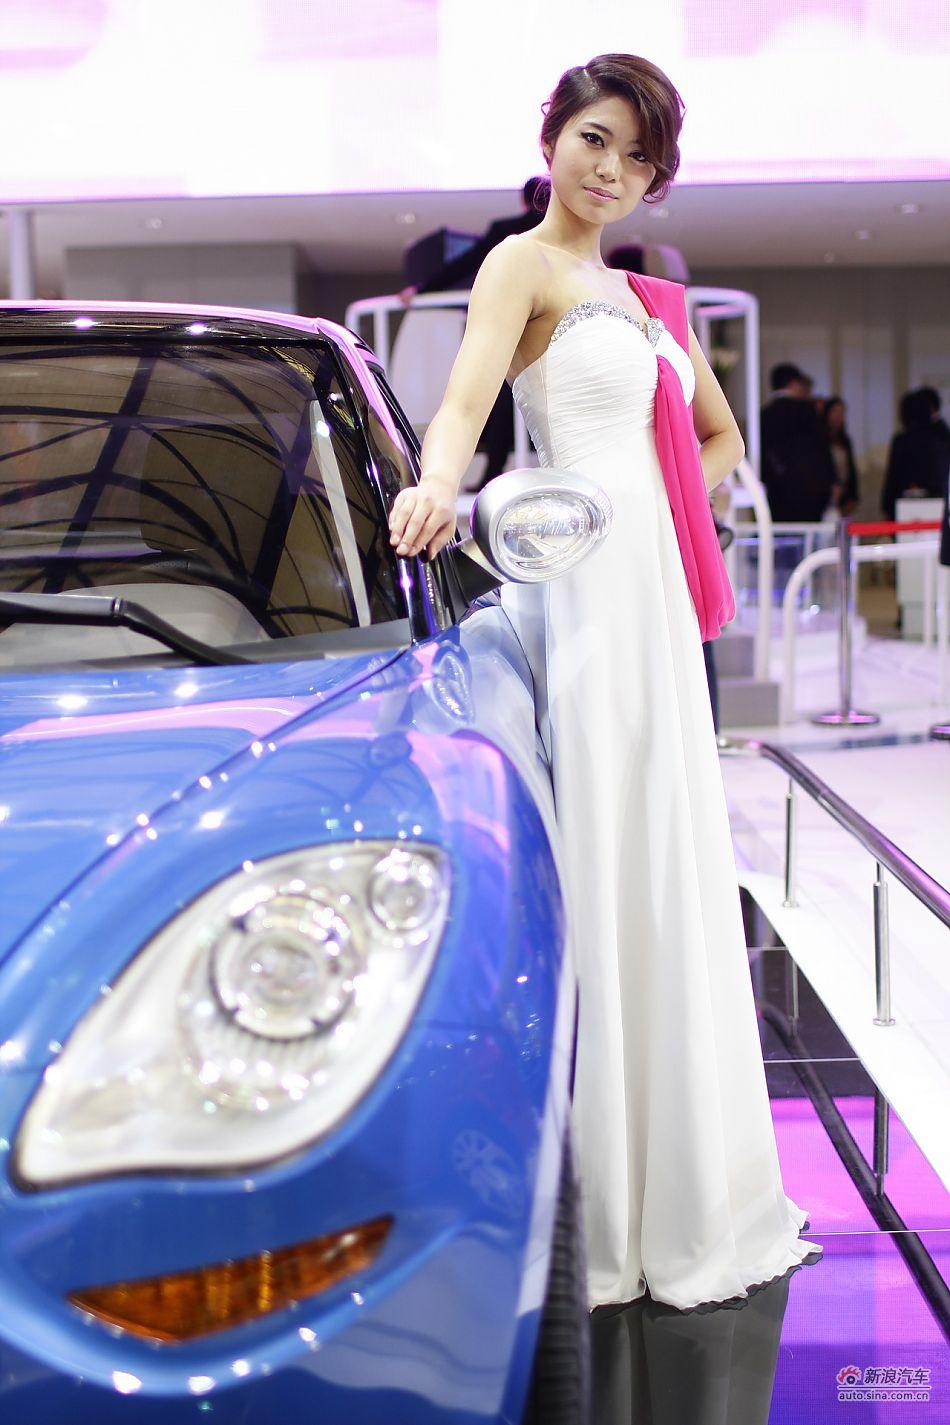 吉利汽车3号模特